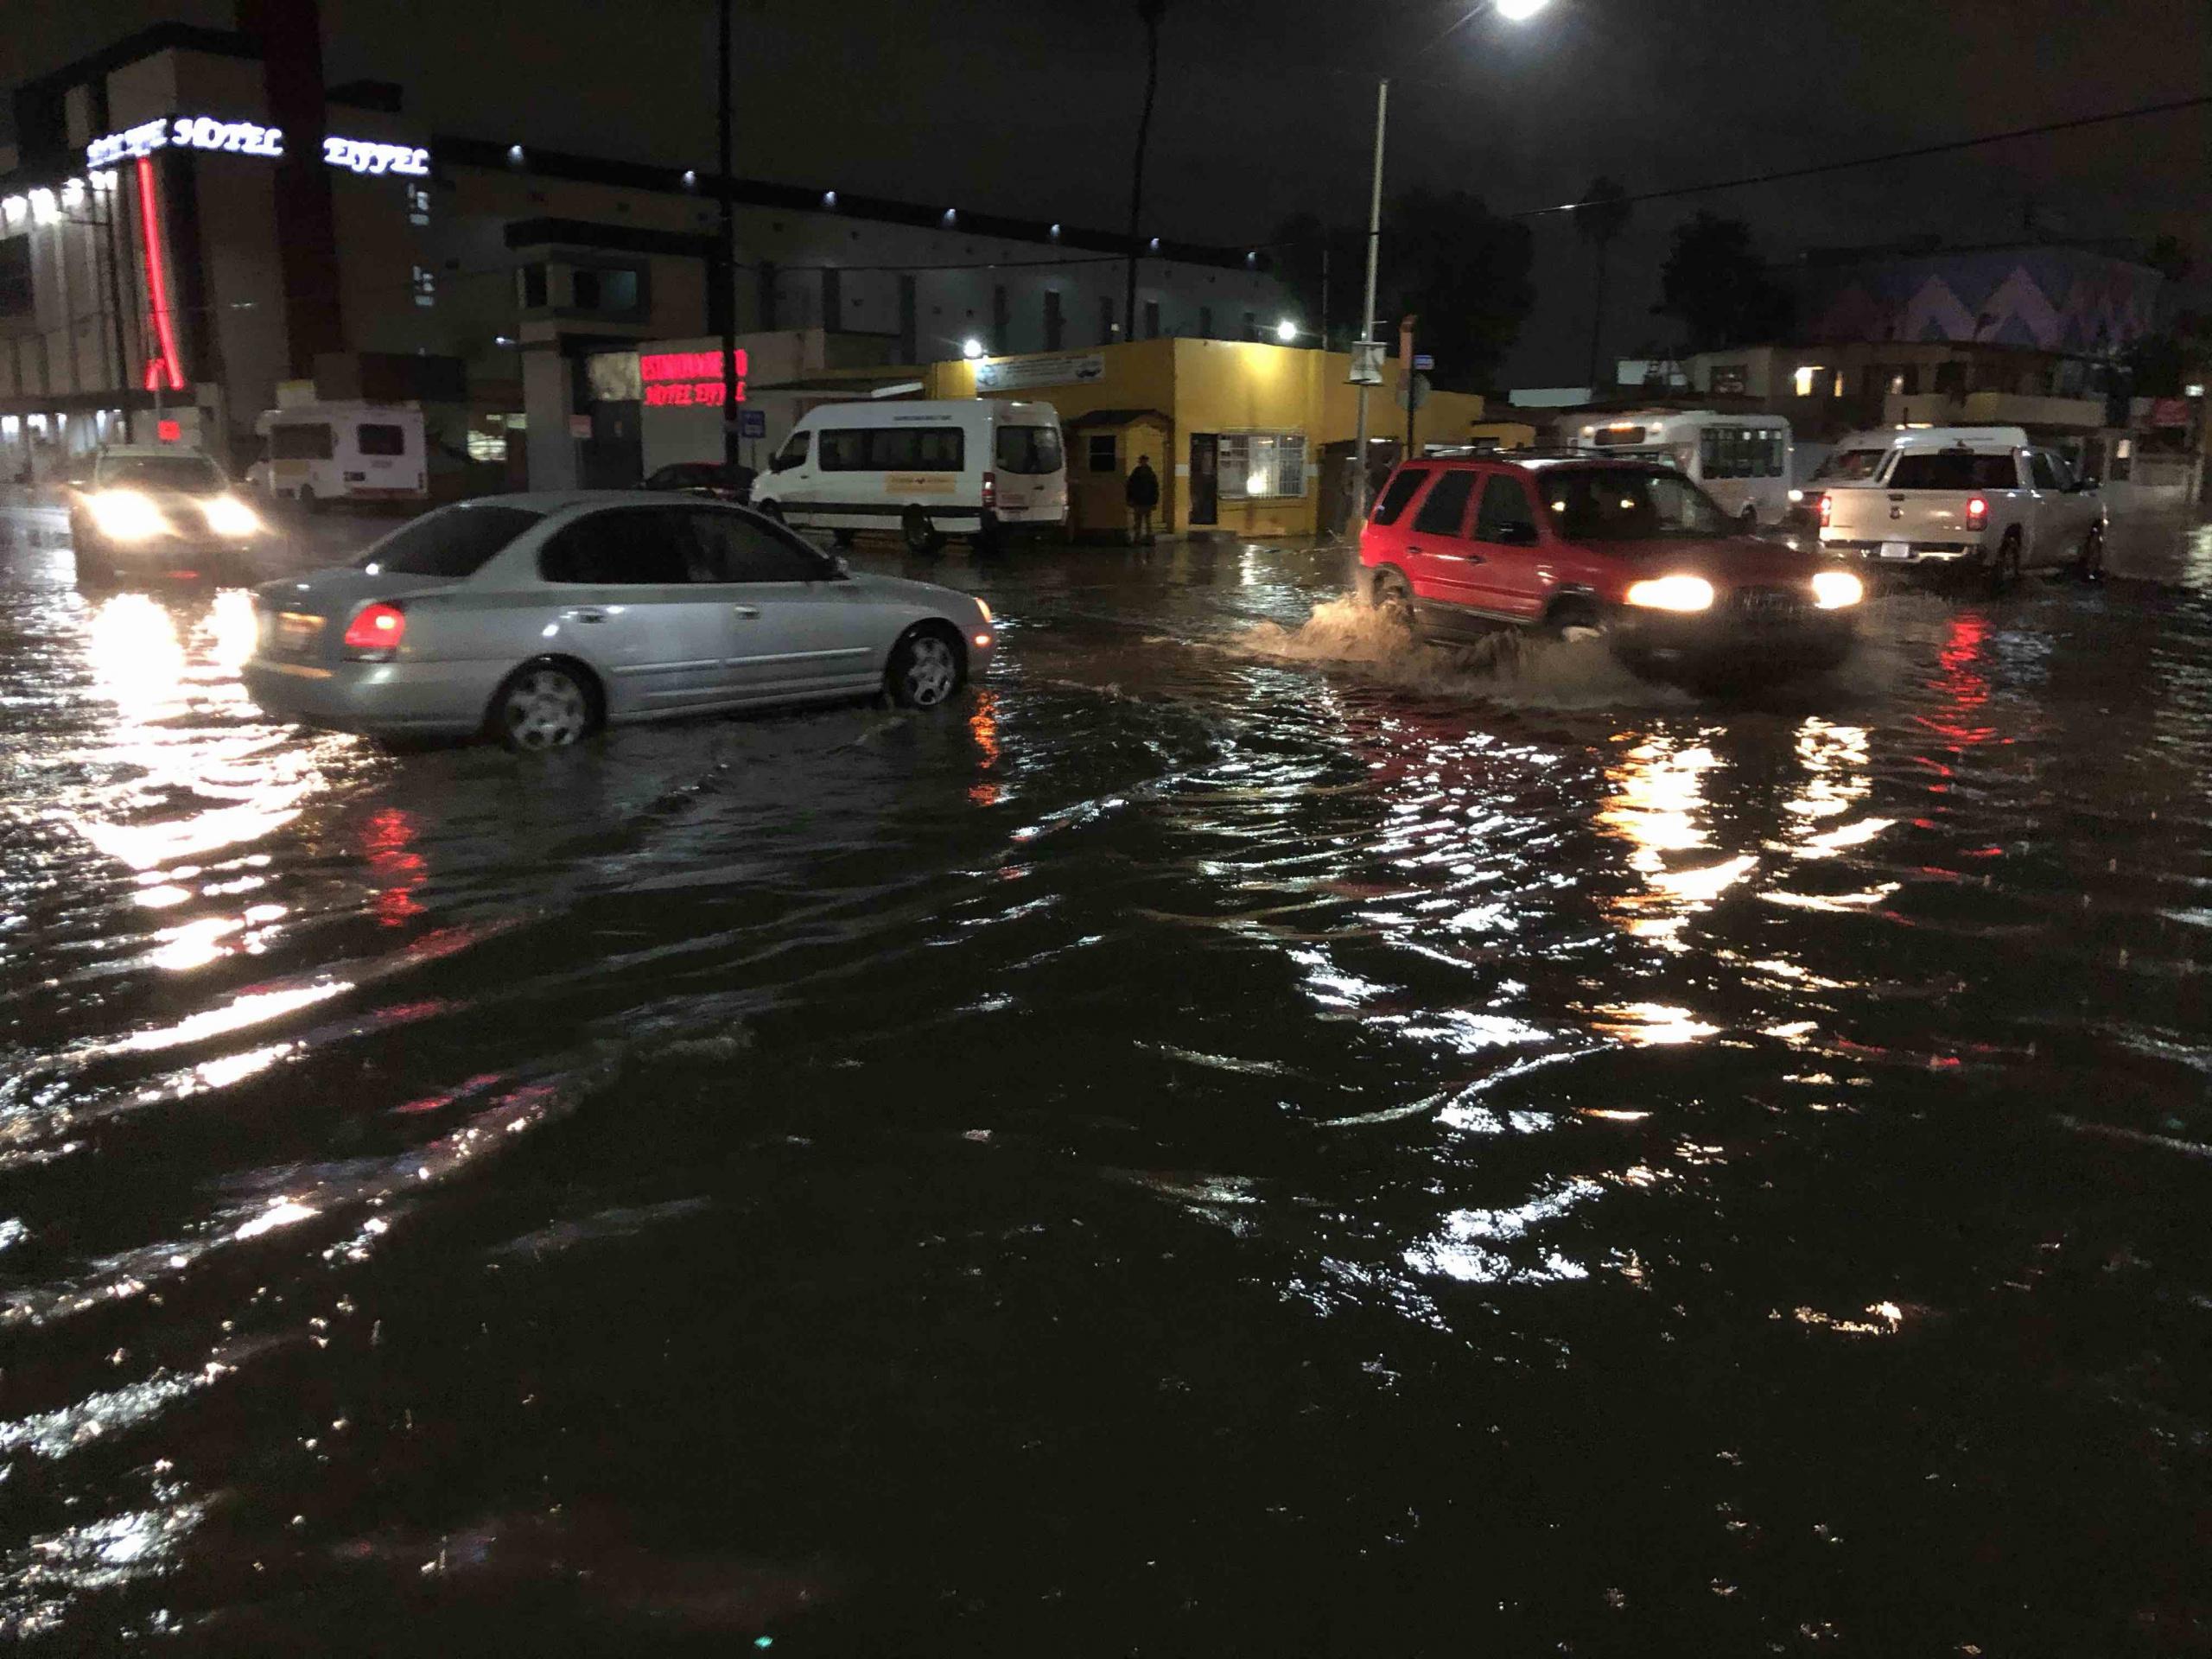 「「洪水などで水没したハイブリッド車、電気自動車は感電する」という注意喚起は間違い。人が居たら助けてほしい!」の5枚目の画像